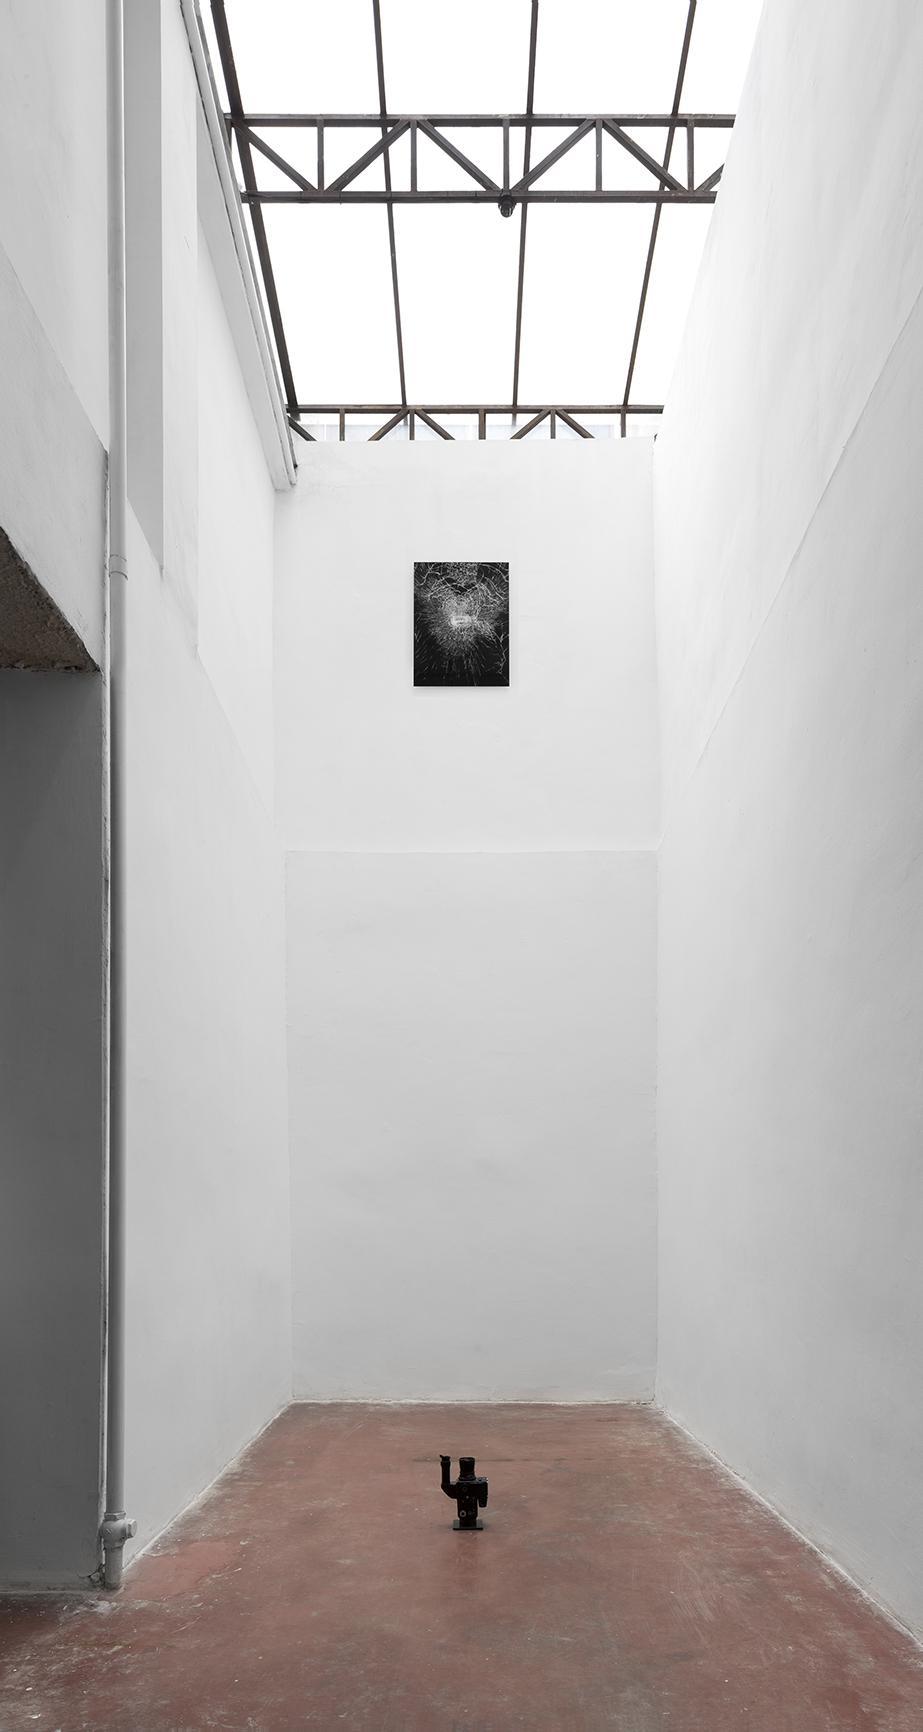 מתן מיטווך, מראה הצבה. 2015. באדיבות גלריה דביר והאמן. צילום: אלעד שריג